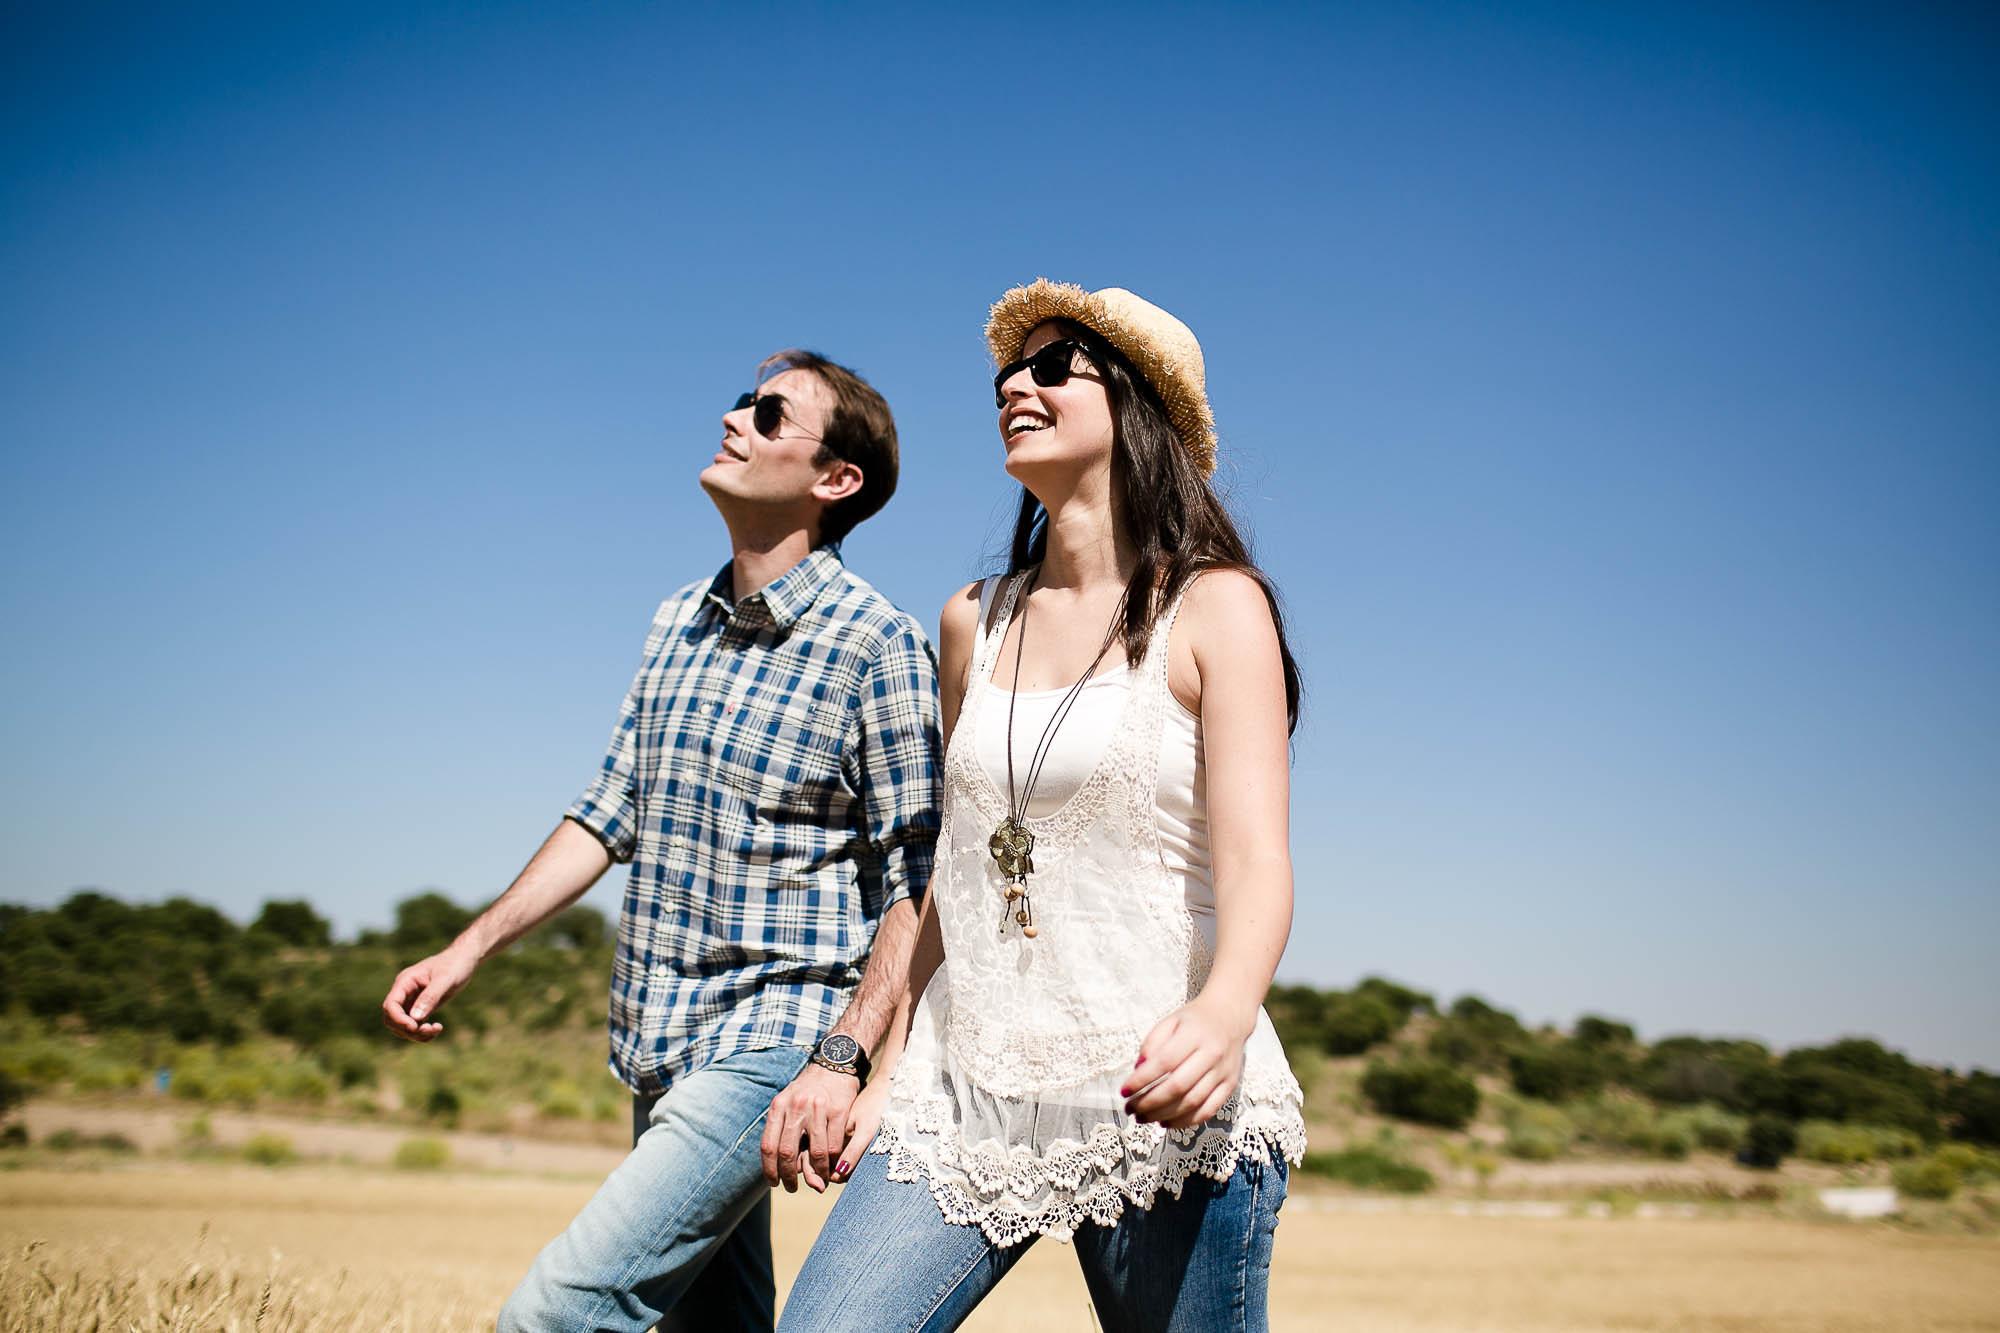 Ella y él pasean cogidos de la mano por le campo en un día soleado